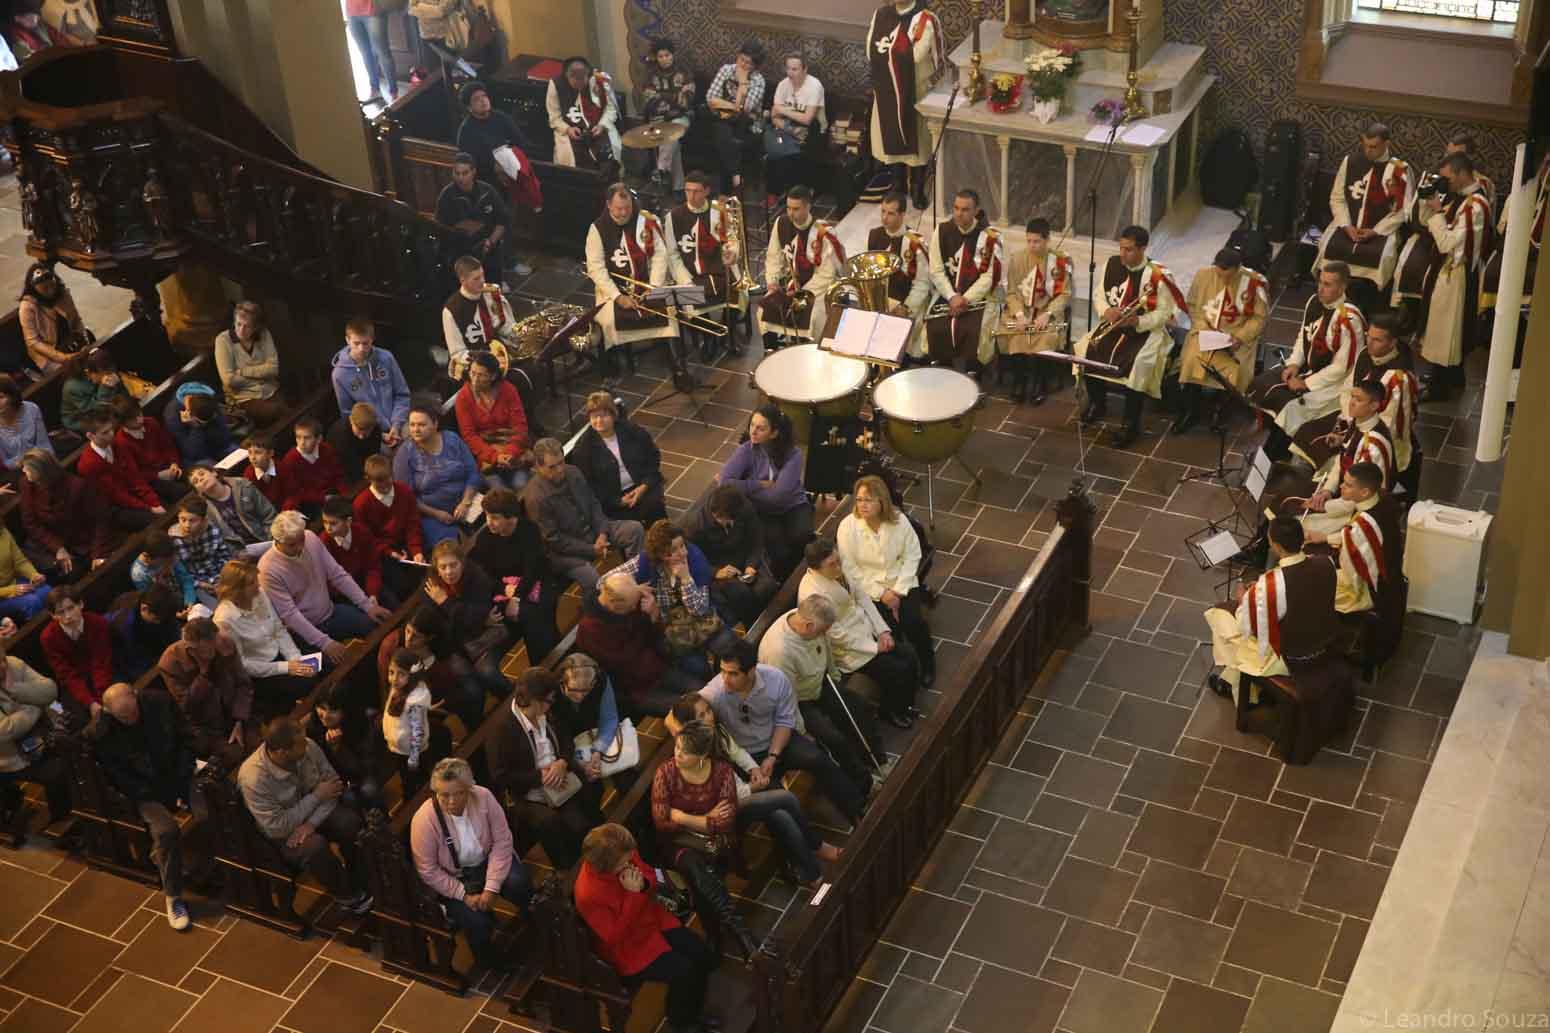 cerimonia-da-primeiro-sabado-na-catedral-de-curitiba-com-participacao-dos-arautos-do-evangelho-da-casa-divina-providencia-10